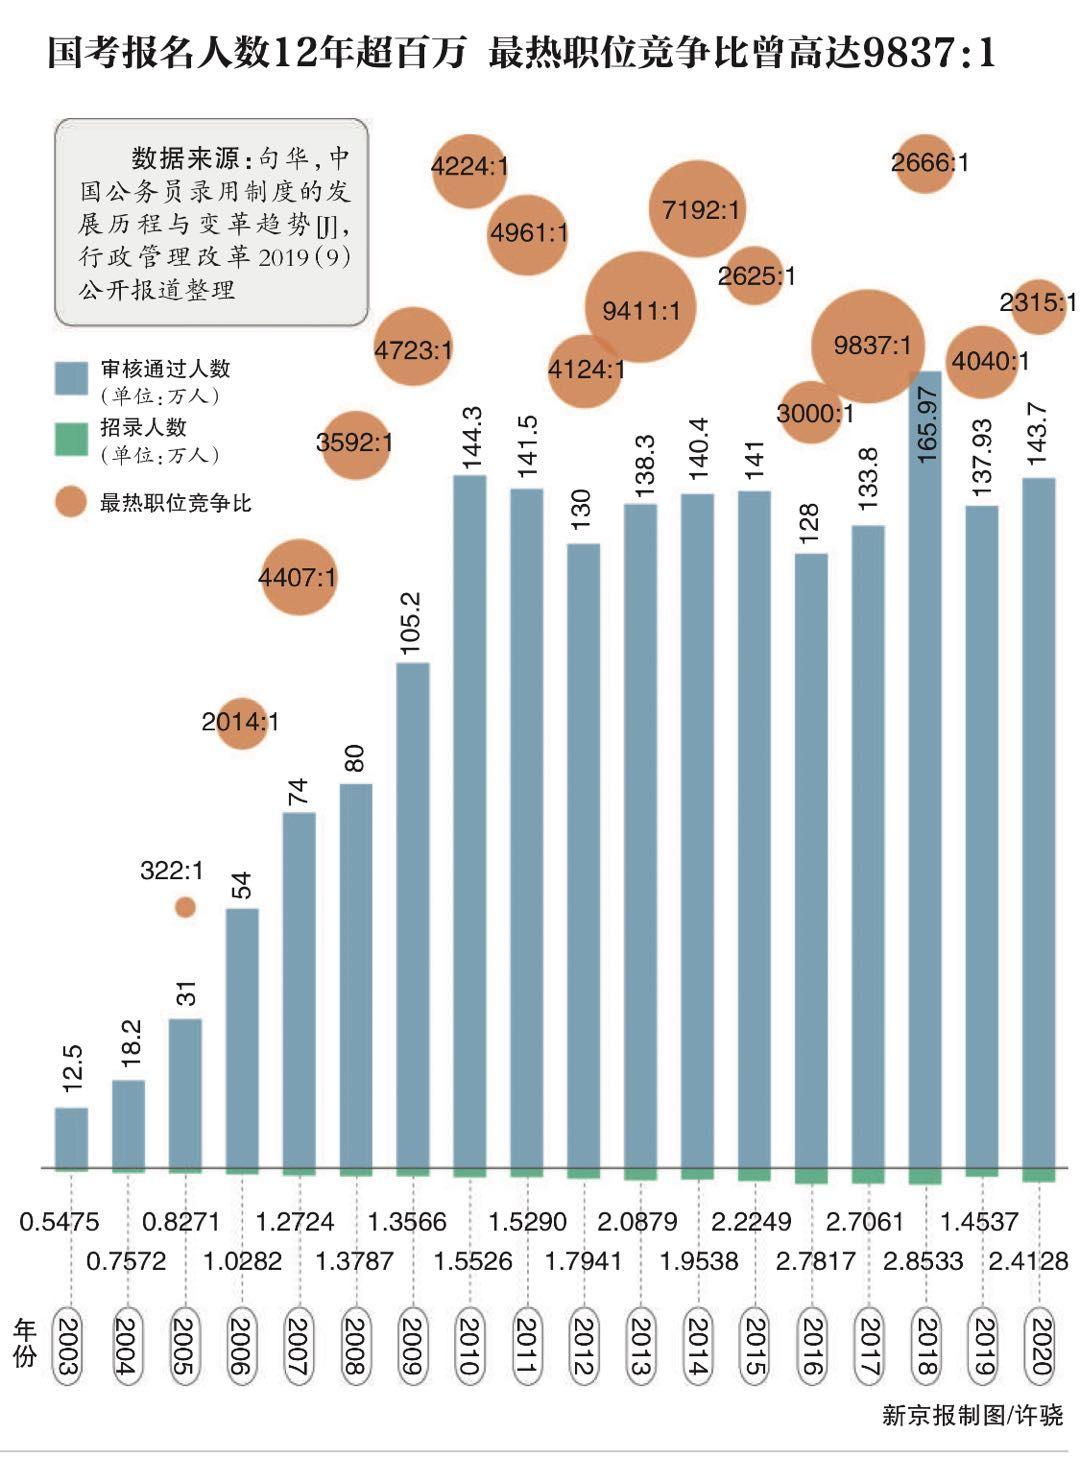 电话投注卡·上海市委常委会提关键词:超大城市应急管理、一张蓝图绘到底